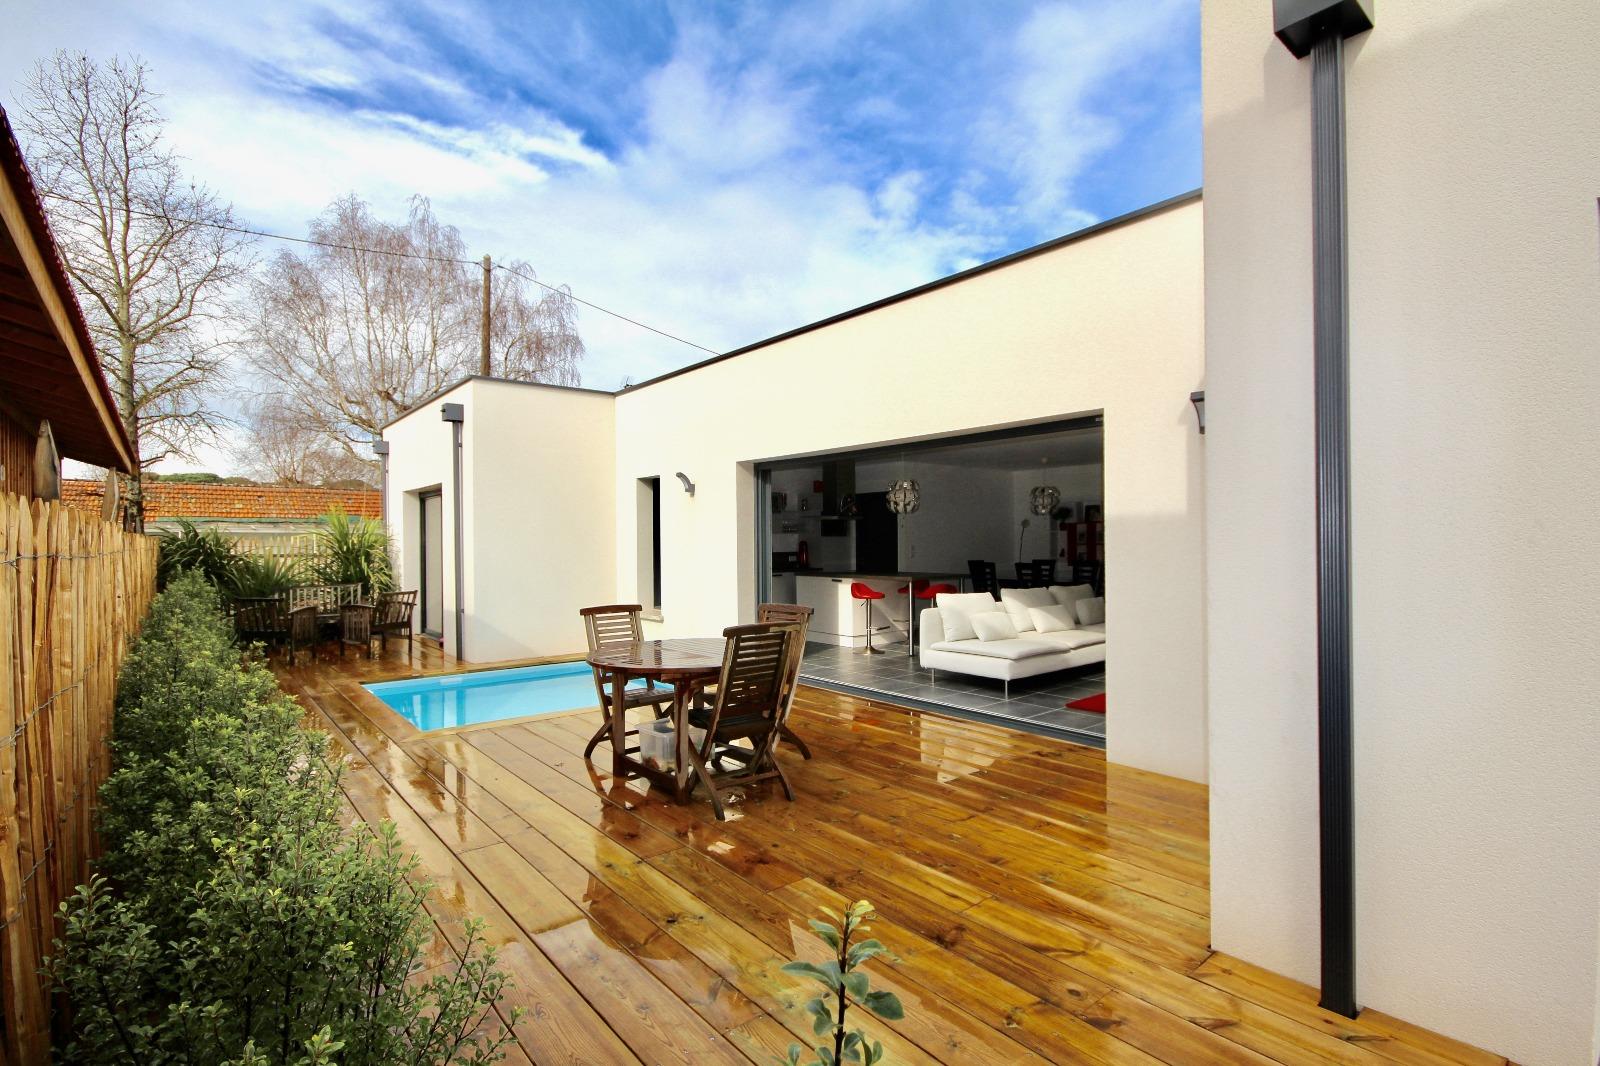 vente villa la teste de buch 33260 99m avec 4 pi ce s dont 3 chambre s sur 291m de. Black Bedroom Furniture Sets. Home Design Ideas